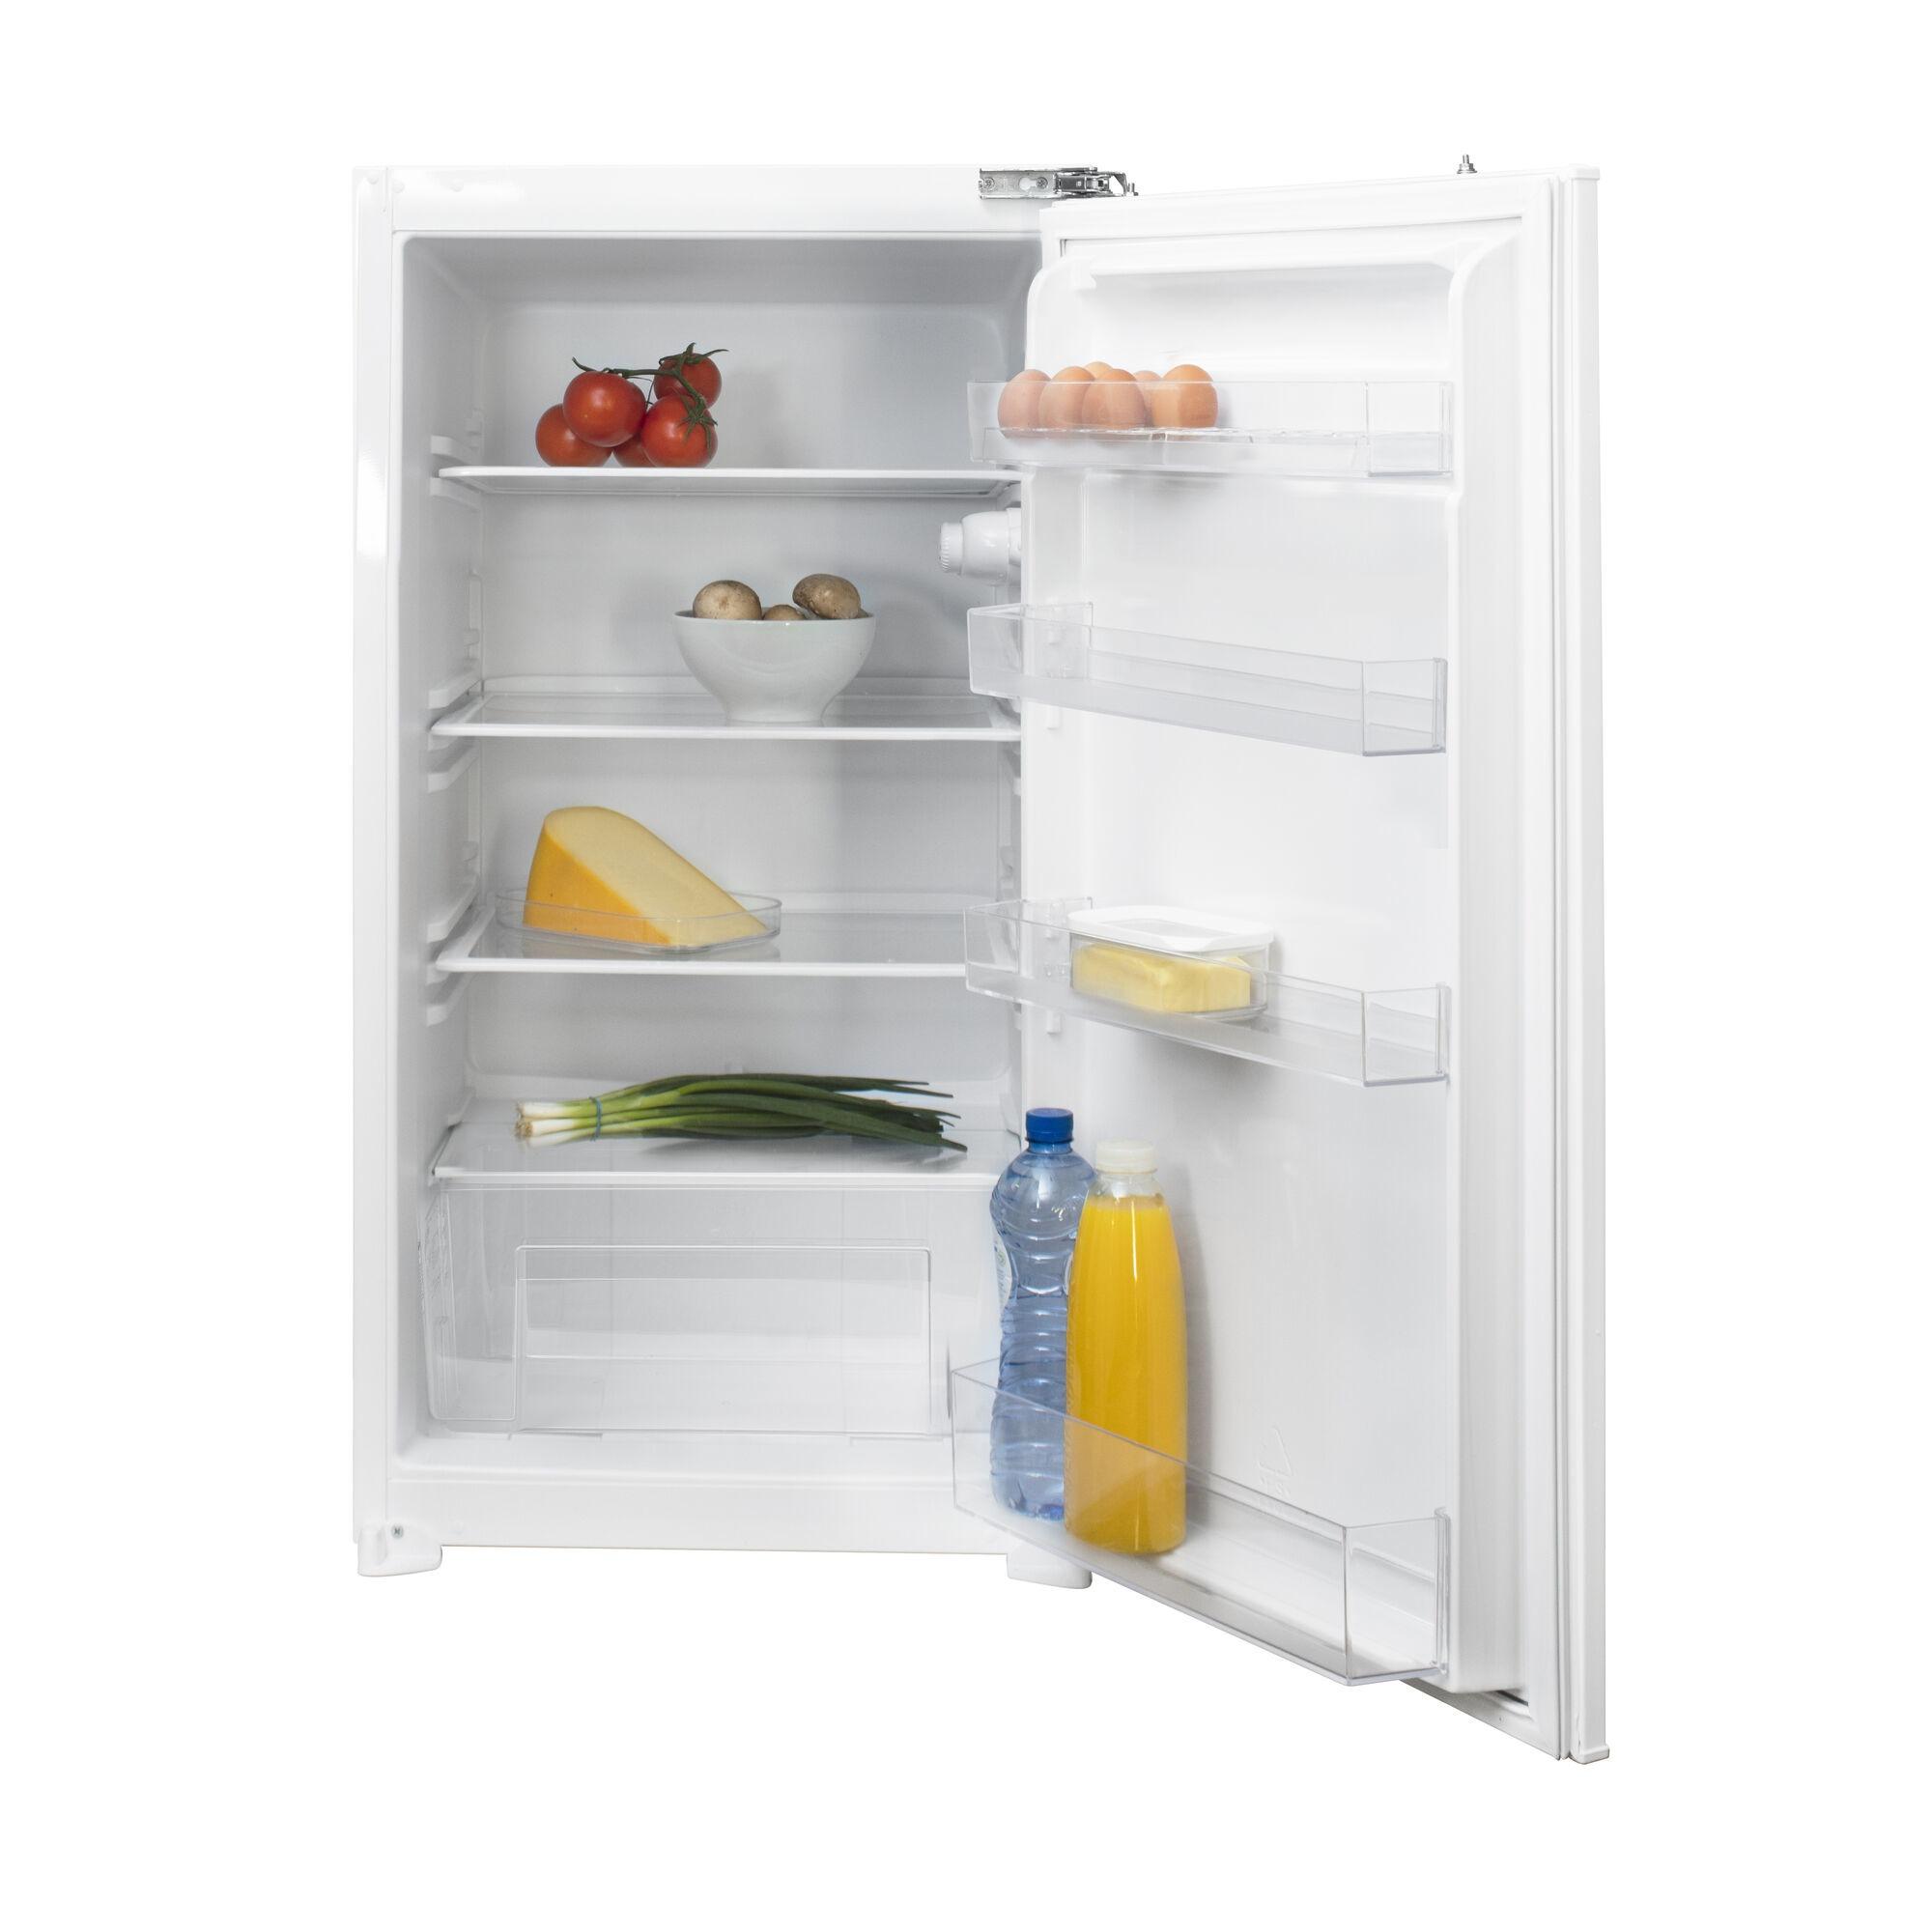 Inventum IKK1021D Inbouw koelkast